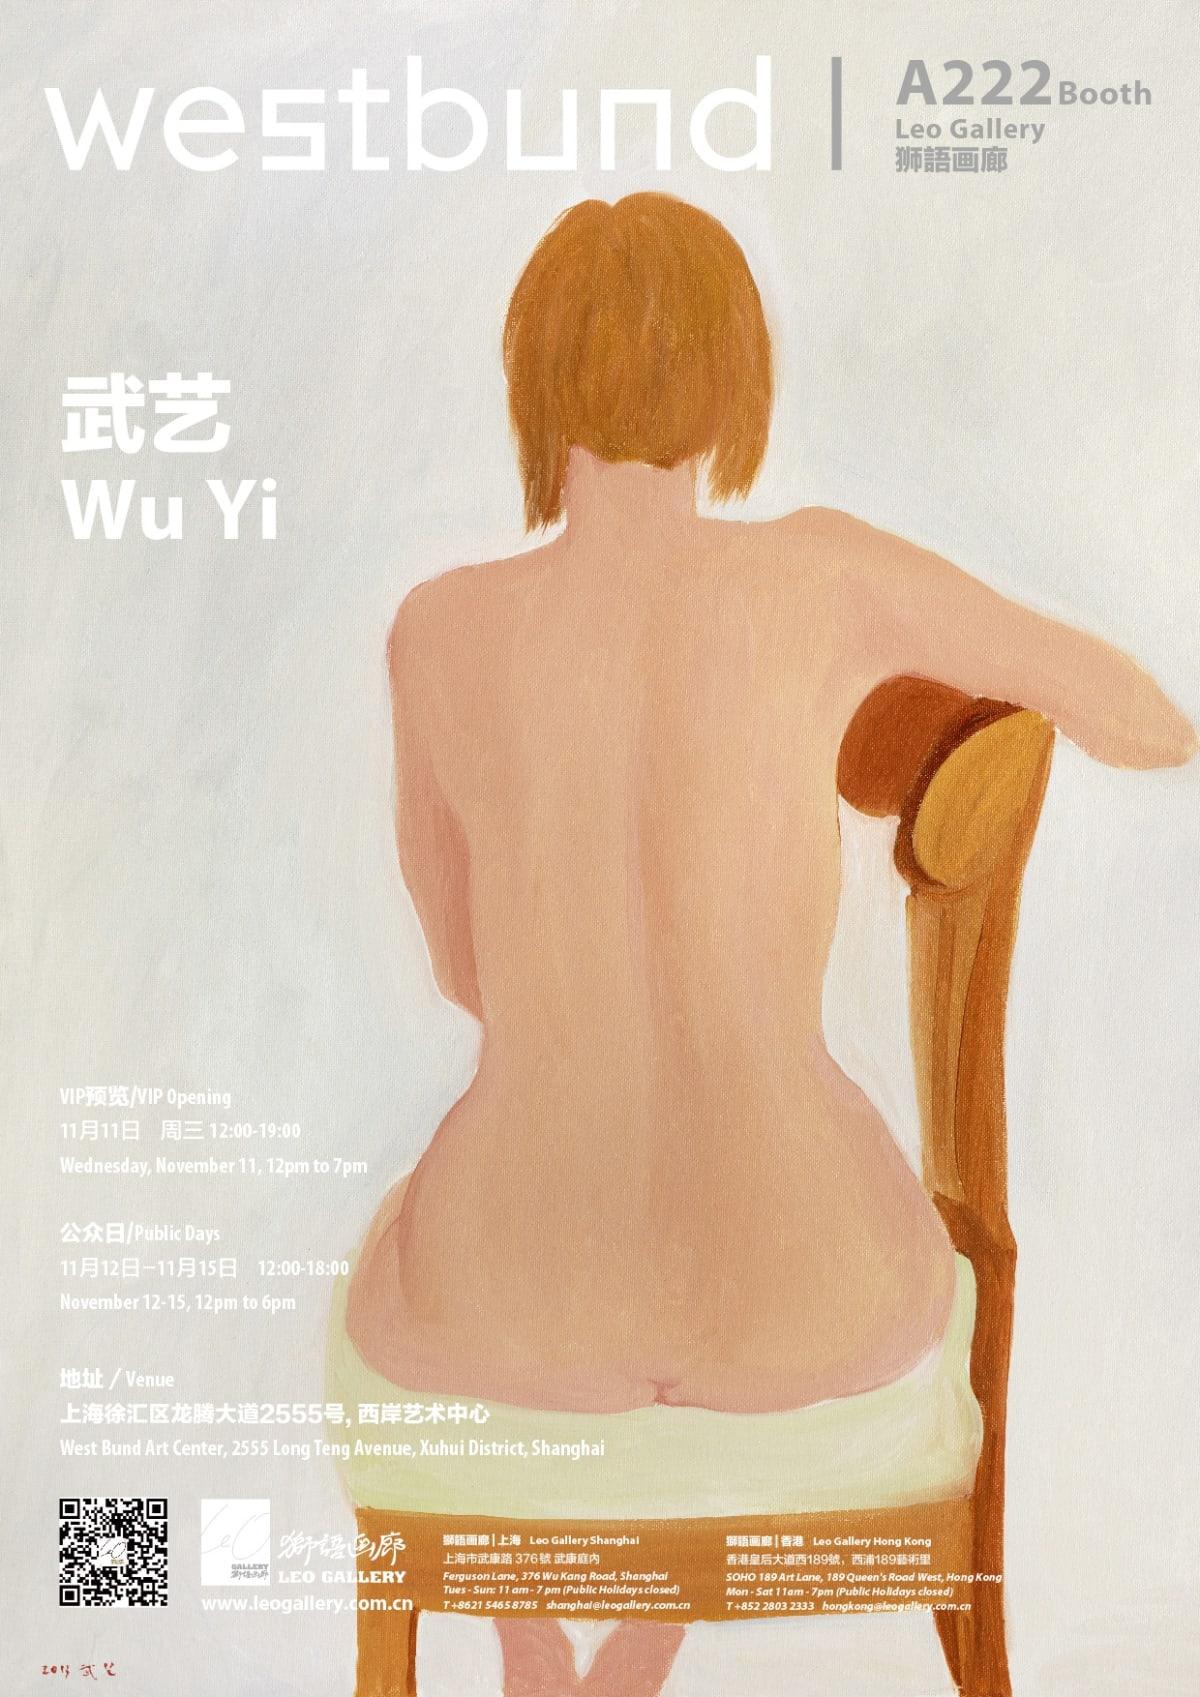 WEST BUND ART & DESIGN 2020